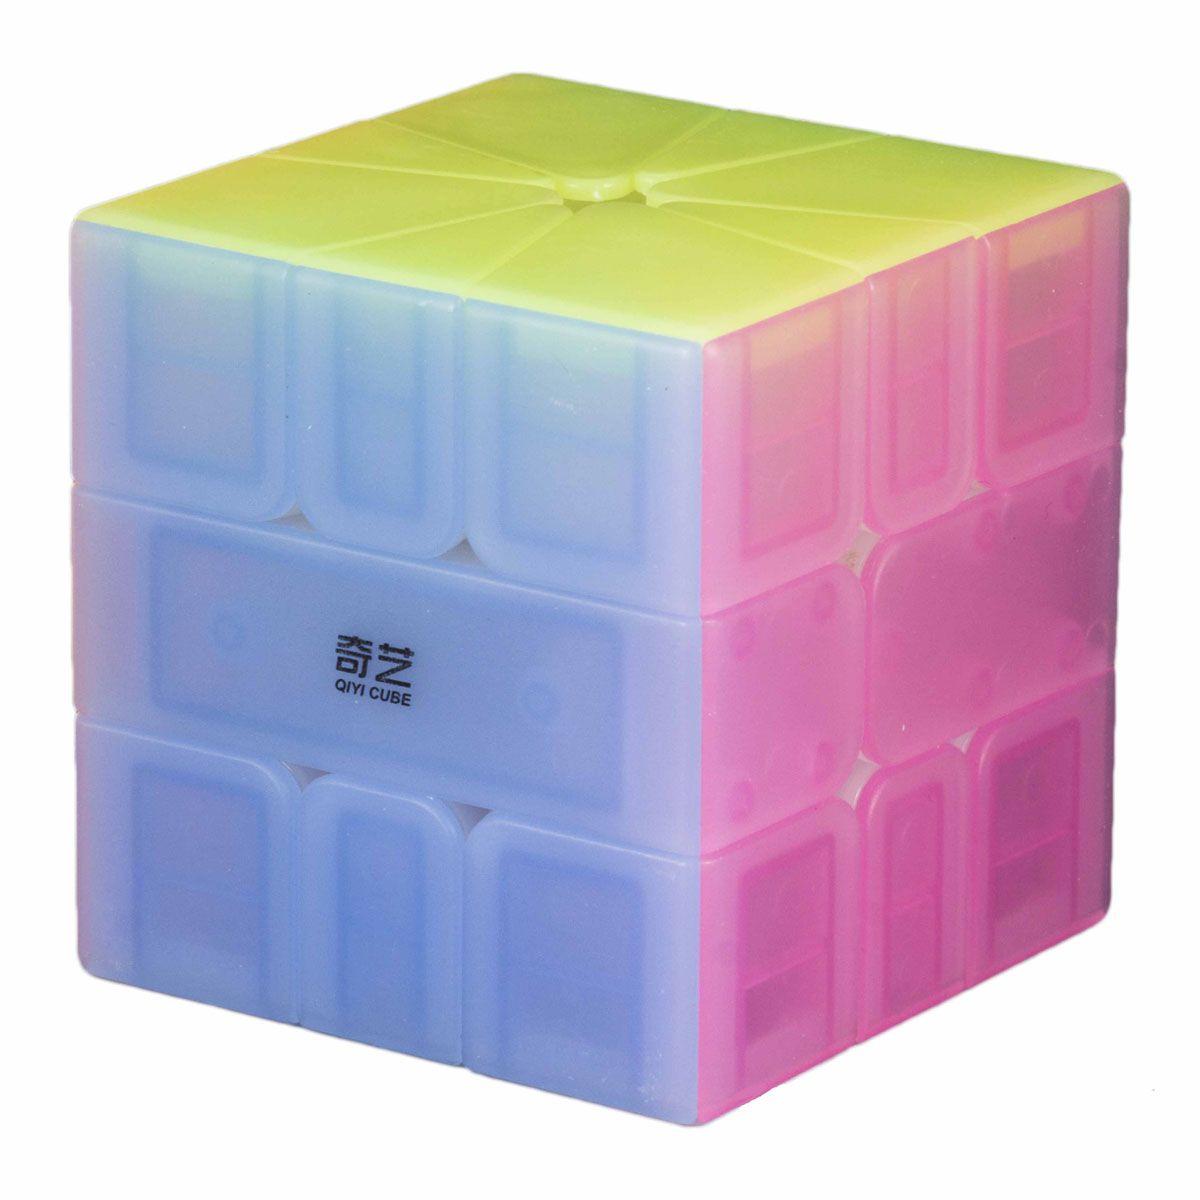 Square-1 Qifa Jelly